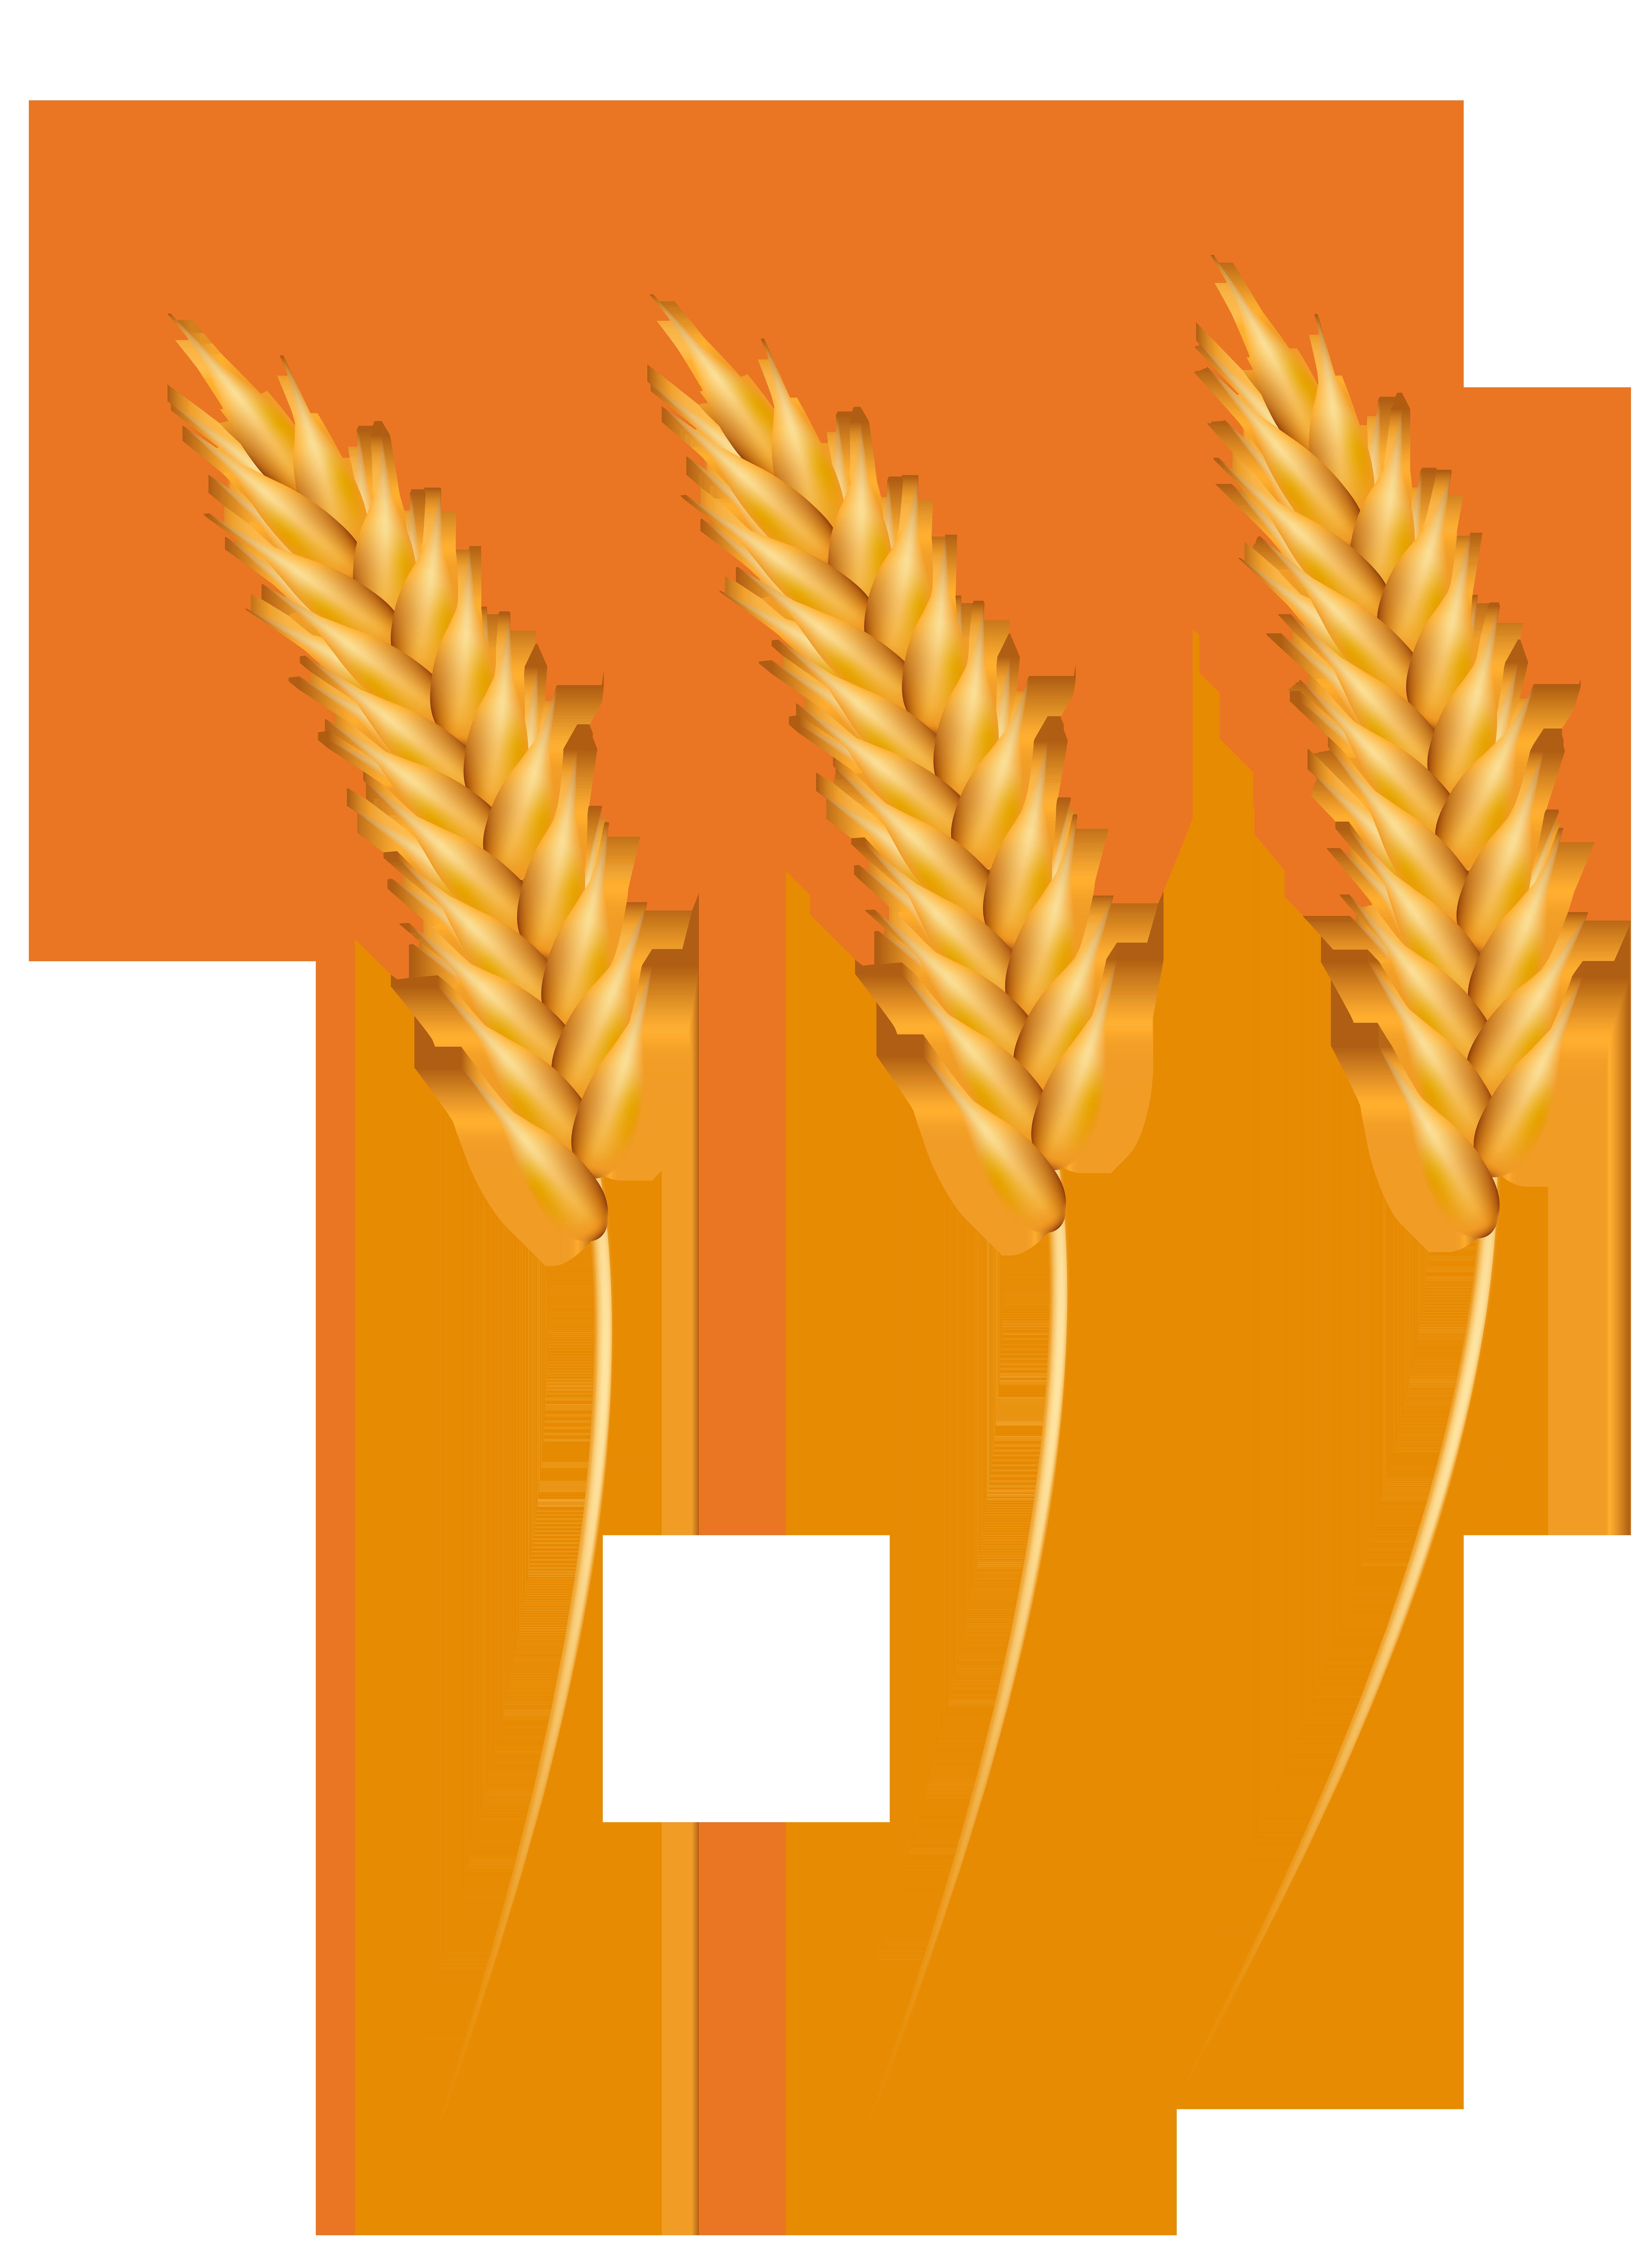 Wheat Grains PNG Clip Art Image.